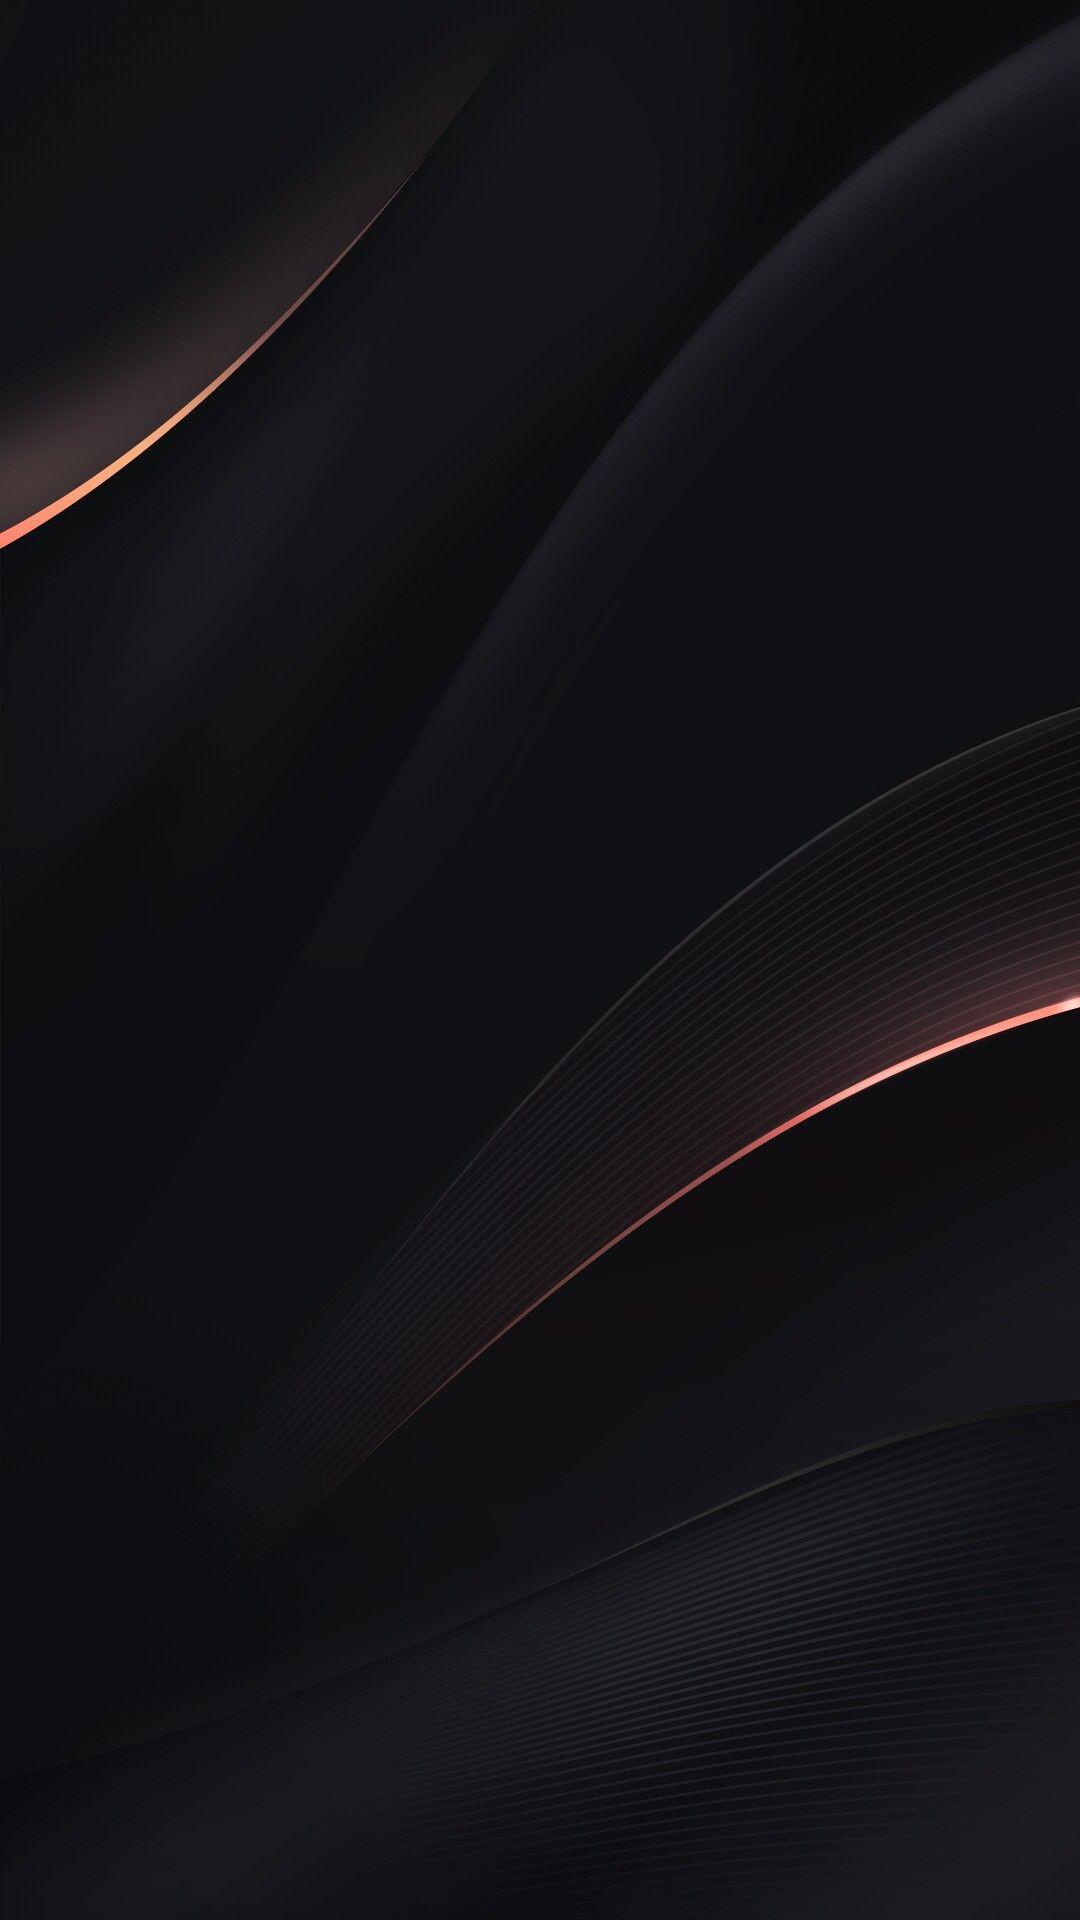 Get New Black Wallpaper for Smartphones Today